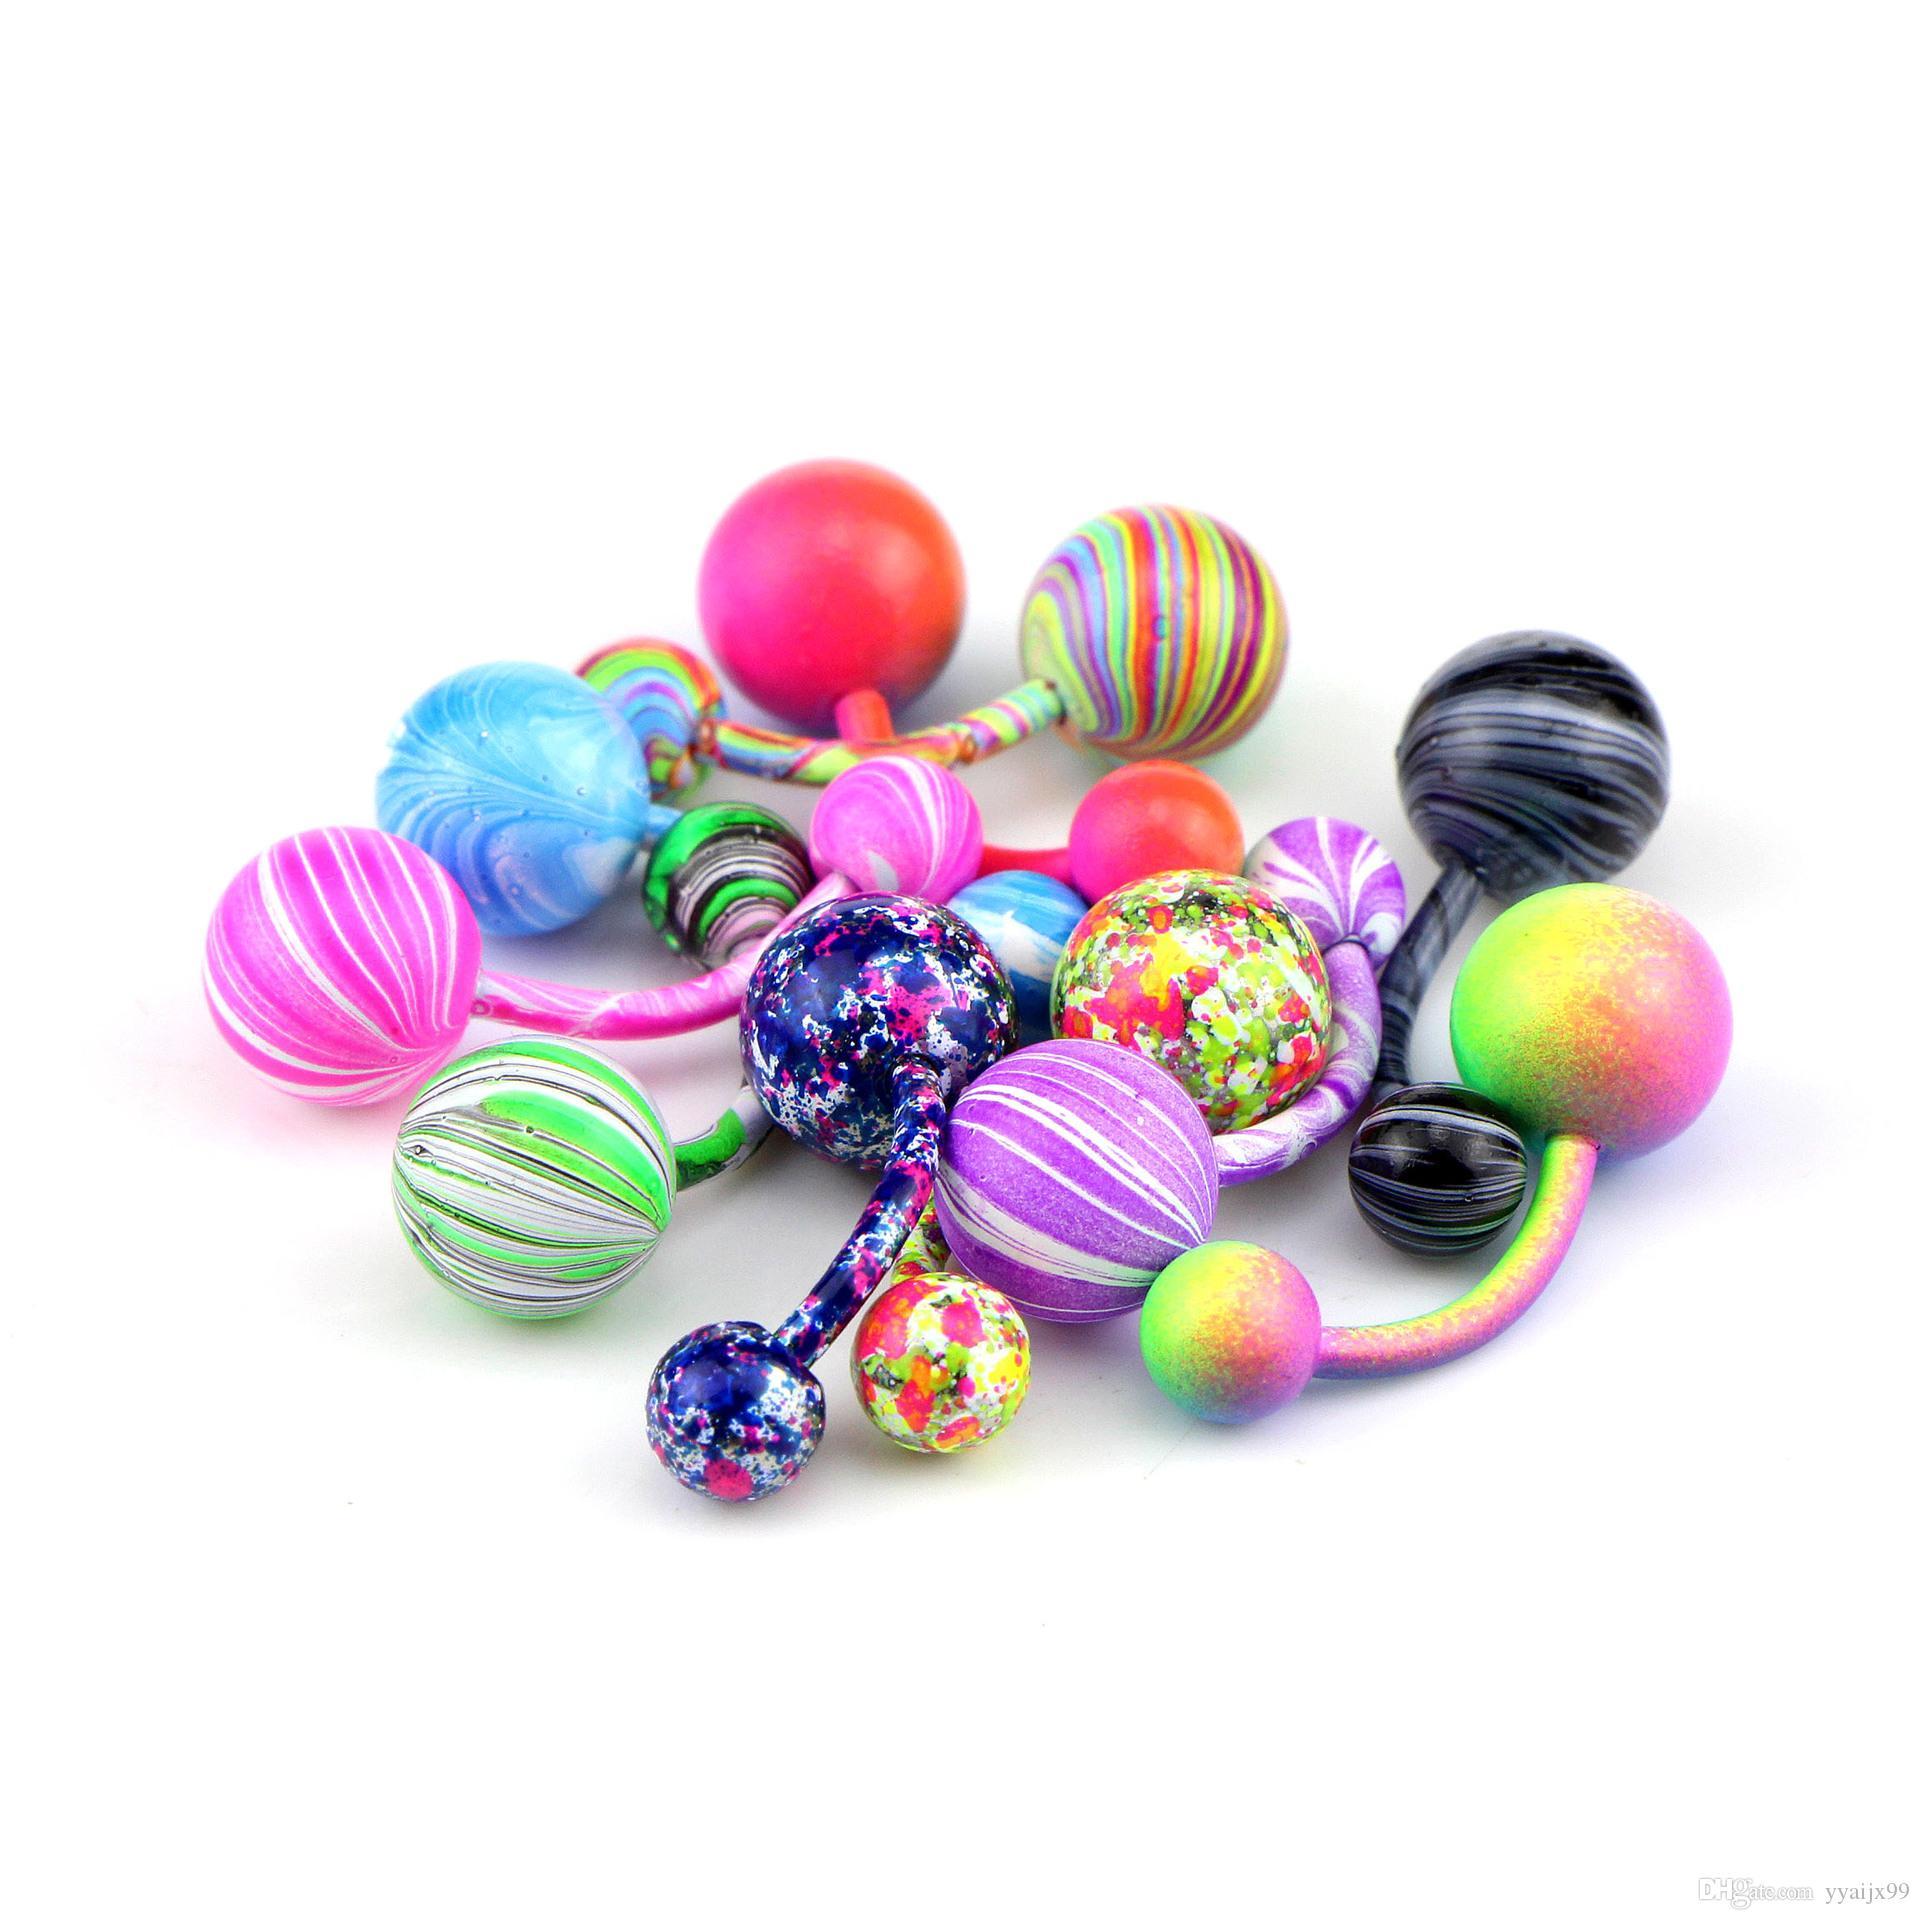 9 renk Vücut takı Renkli Göbek Göbek Yüzük Paslanmaz Çelik Göbek Bar Yüzükler Göbek Piercing Takı moda